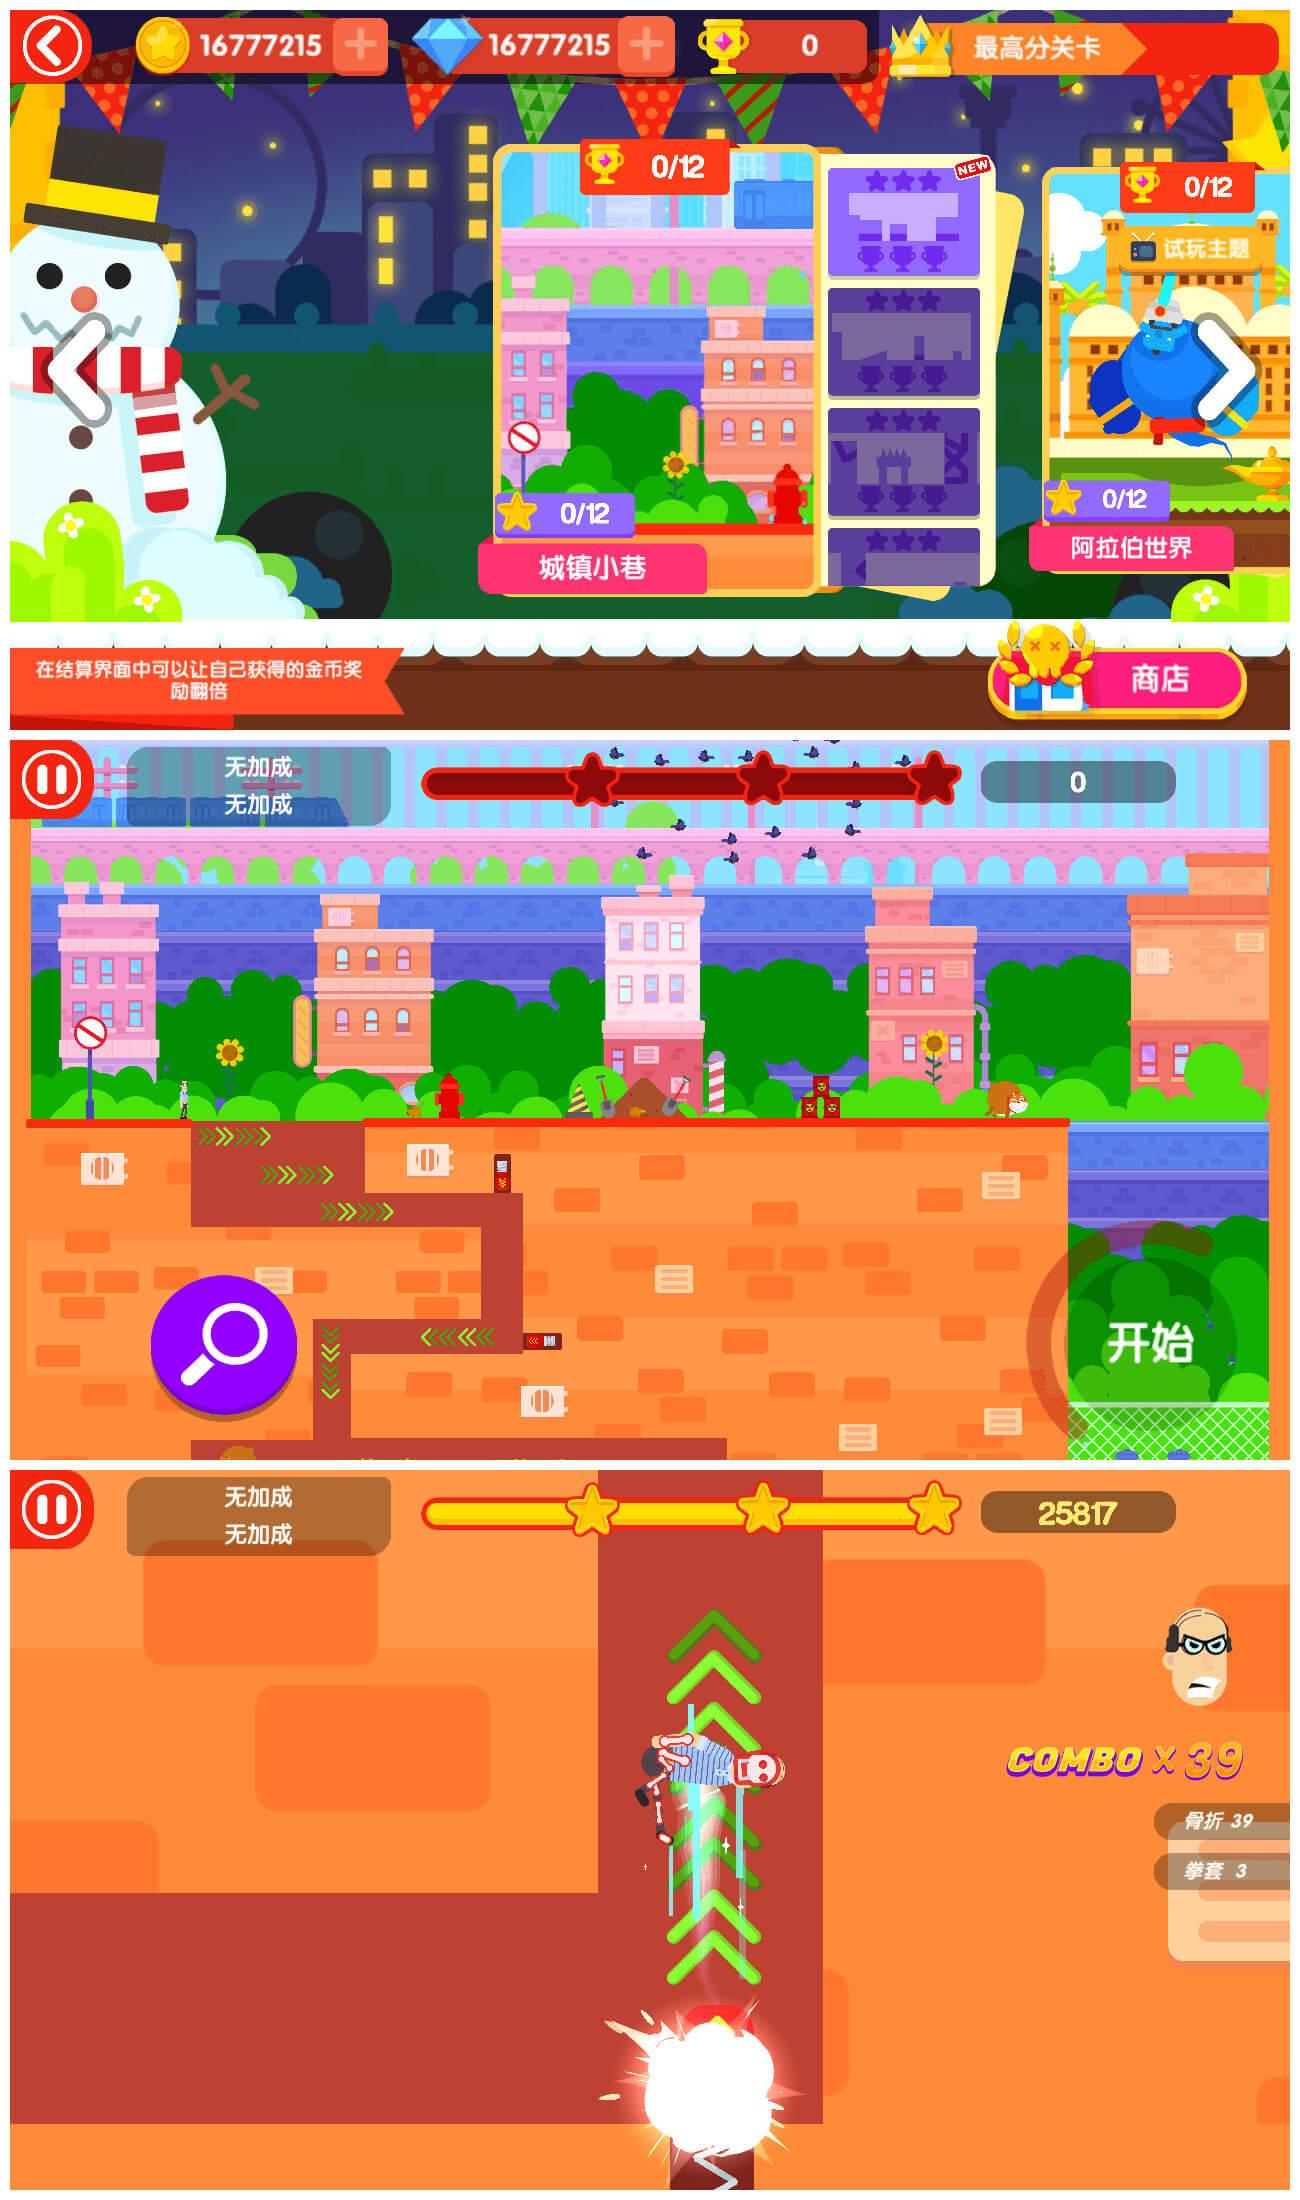 解压游戏 粉身碎骨2绿化版,解压游戏 粉身碎骨2绿化版  第1张,第1张